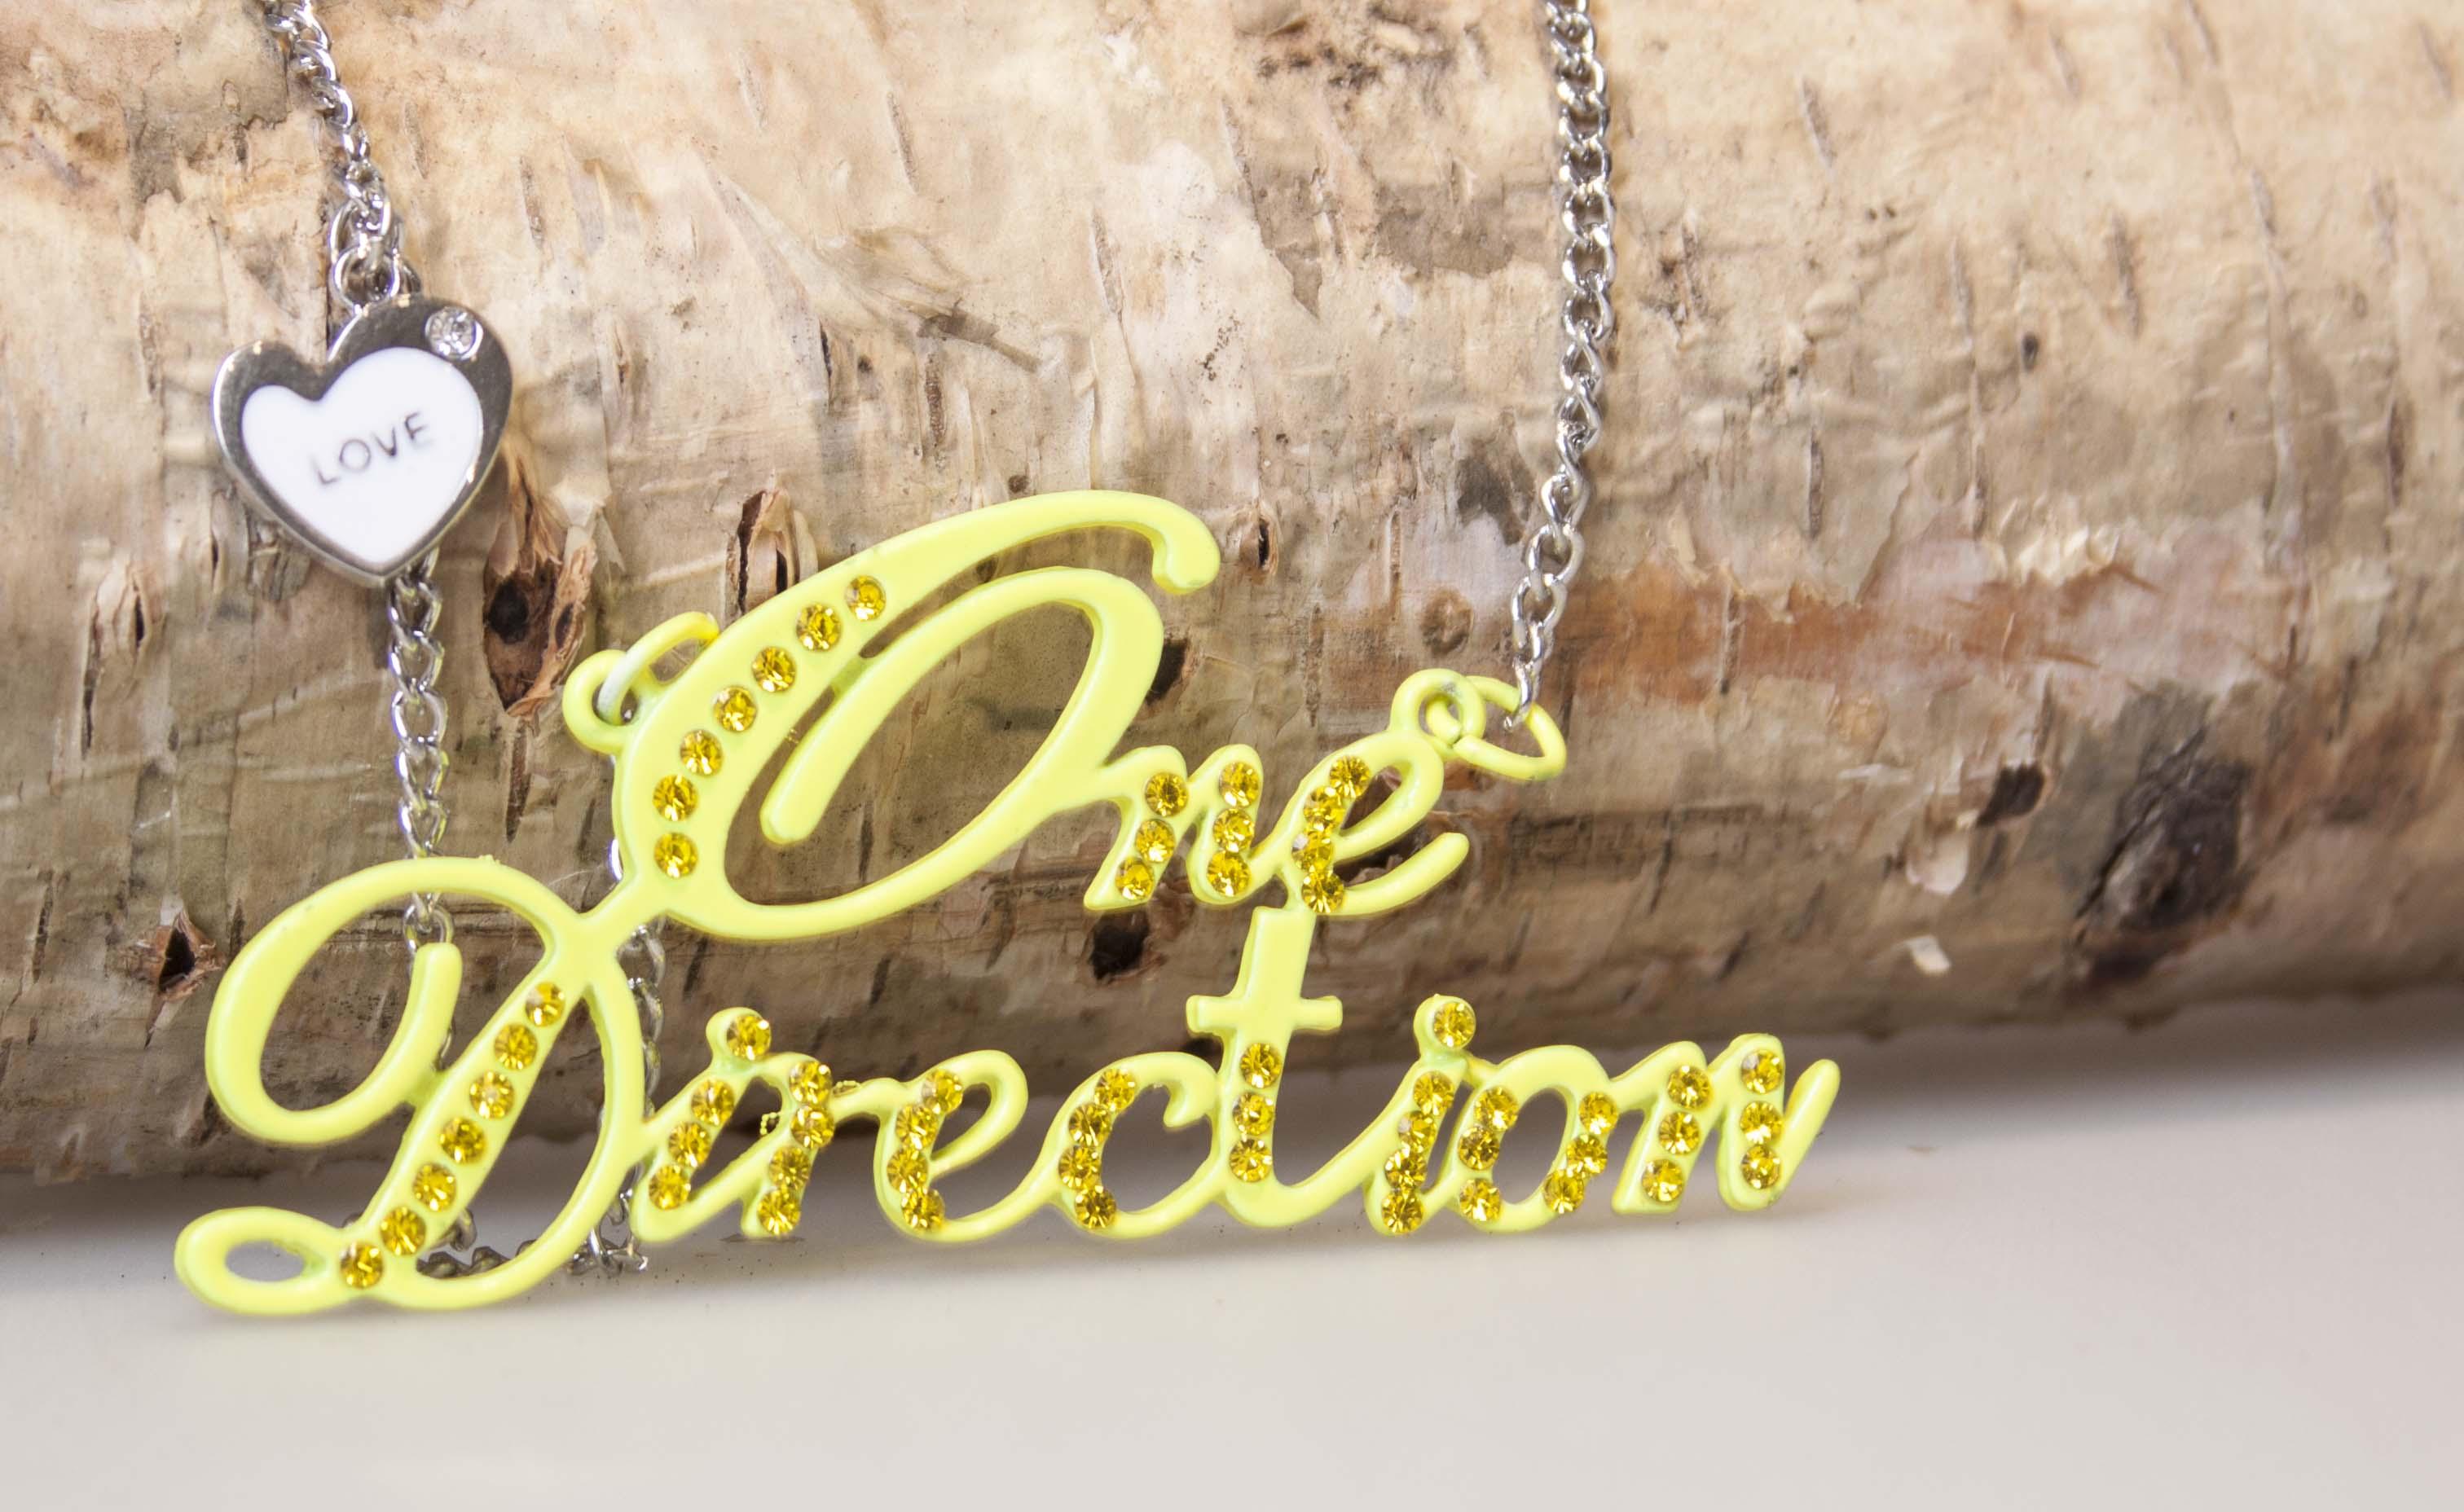 One Direction halskæde med love vedhæng Sølv